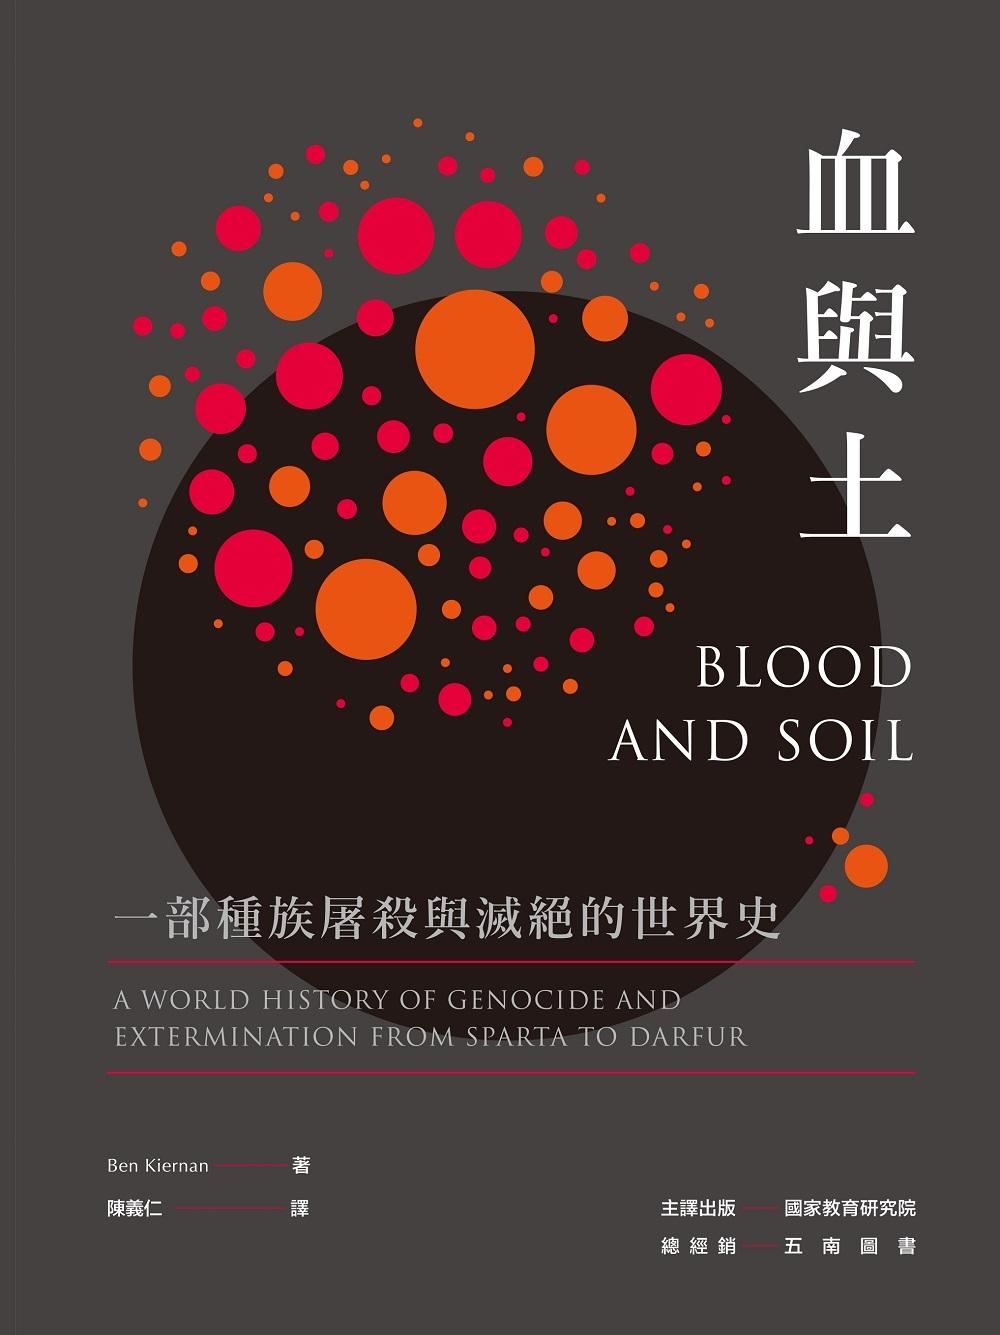 血與土:一部種族屠殺與滅絕的世界史